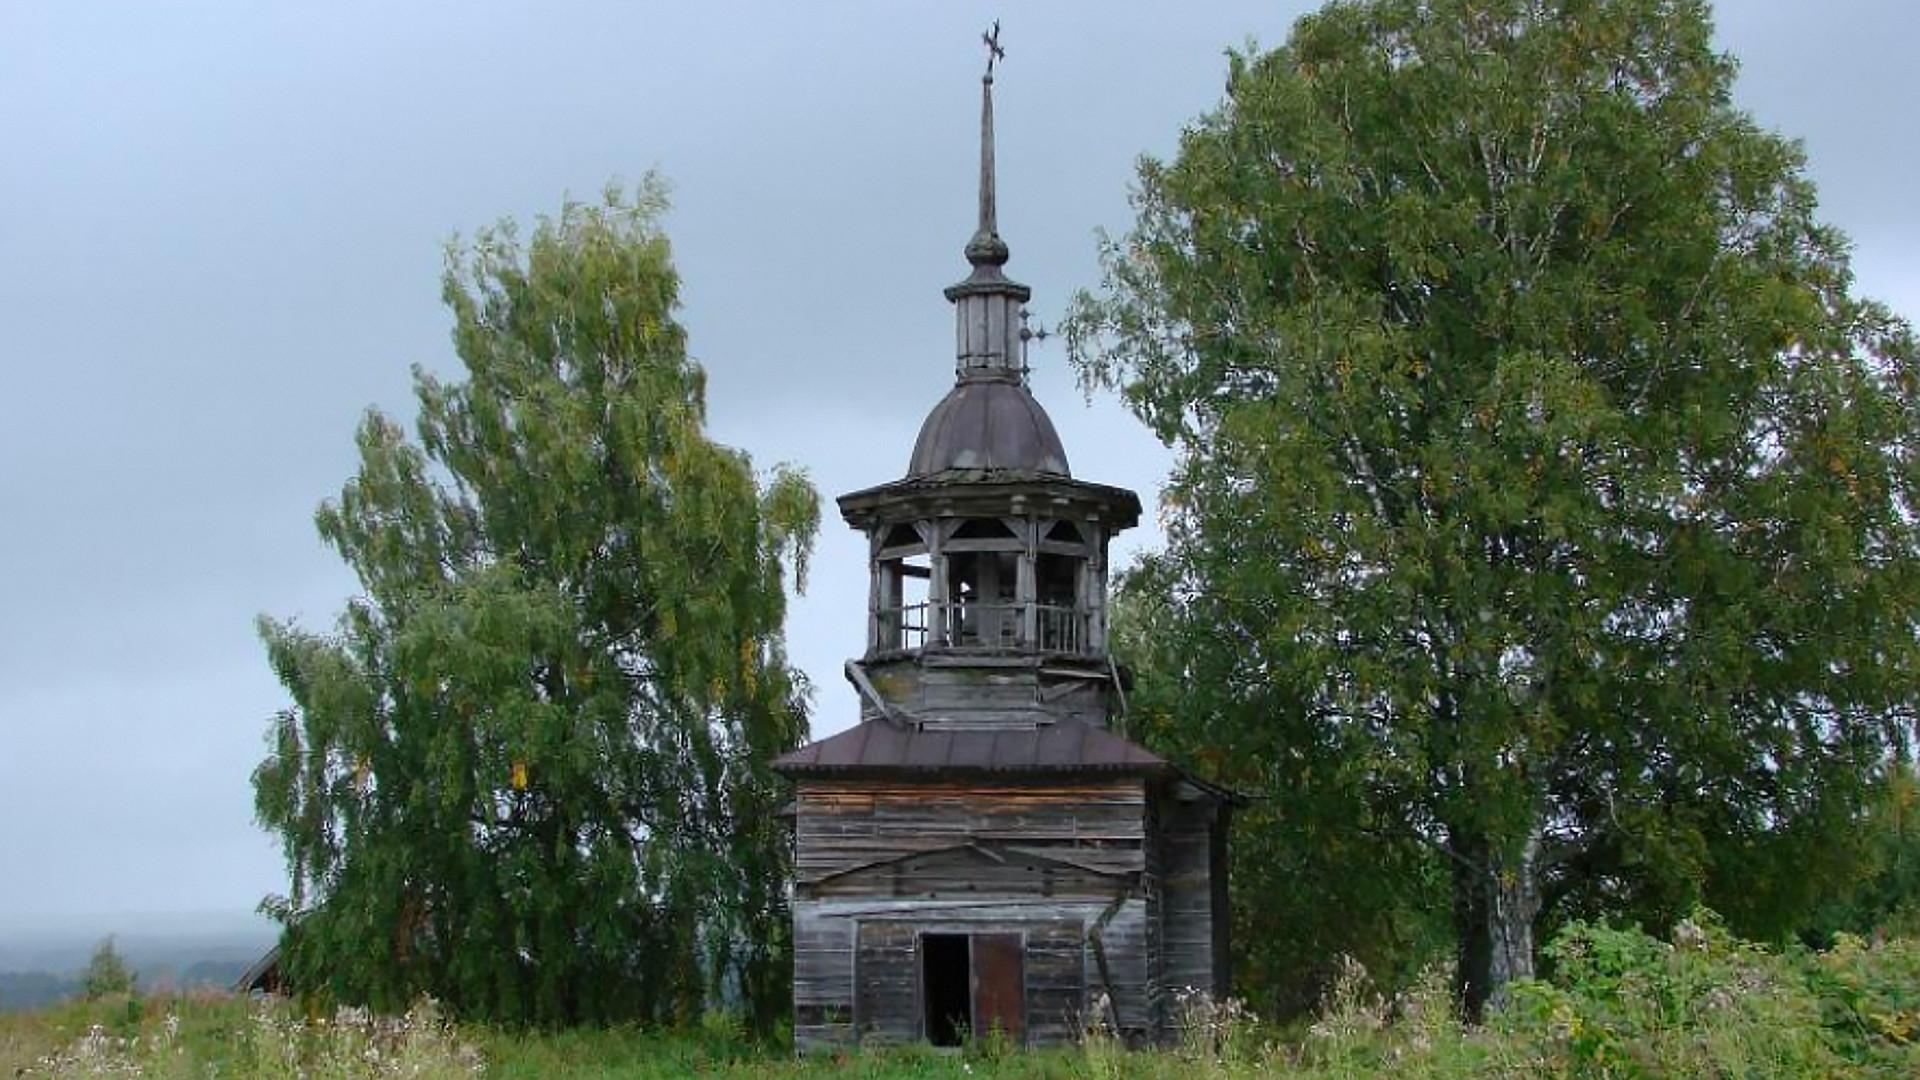 """<p>Фото: &copy;&nbsp;<a href=""""http://obsheedelo.ru/index.php/khramy-i-chasovni/katalog/regionalnye/item/662-chasovnya-v-chest-prokopiya-ustyuzhskogo"""" target=""""_blank"""">obsheedelo.ru</a></p>"""